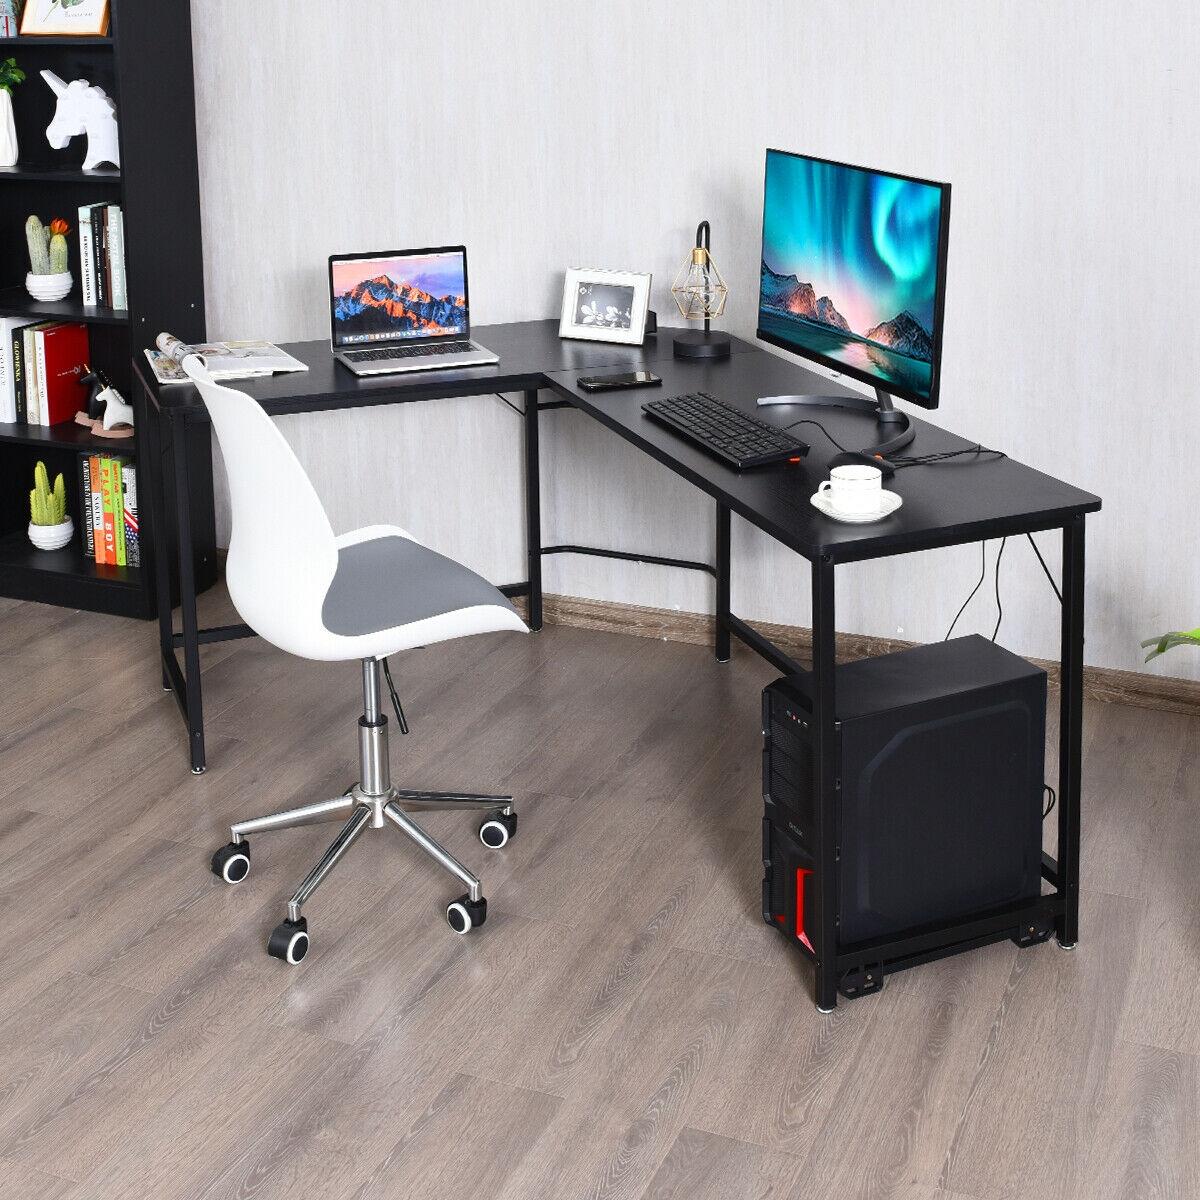 L Shaped Desk Corner Computer Desk PC Laptop Gaming Table Workstation